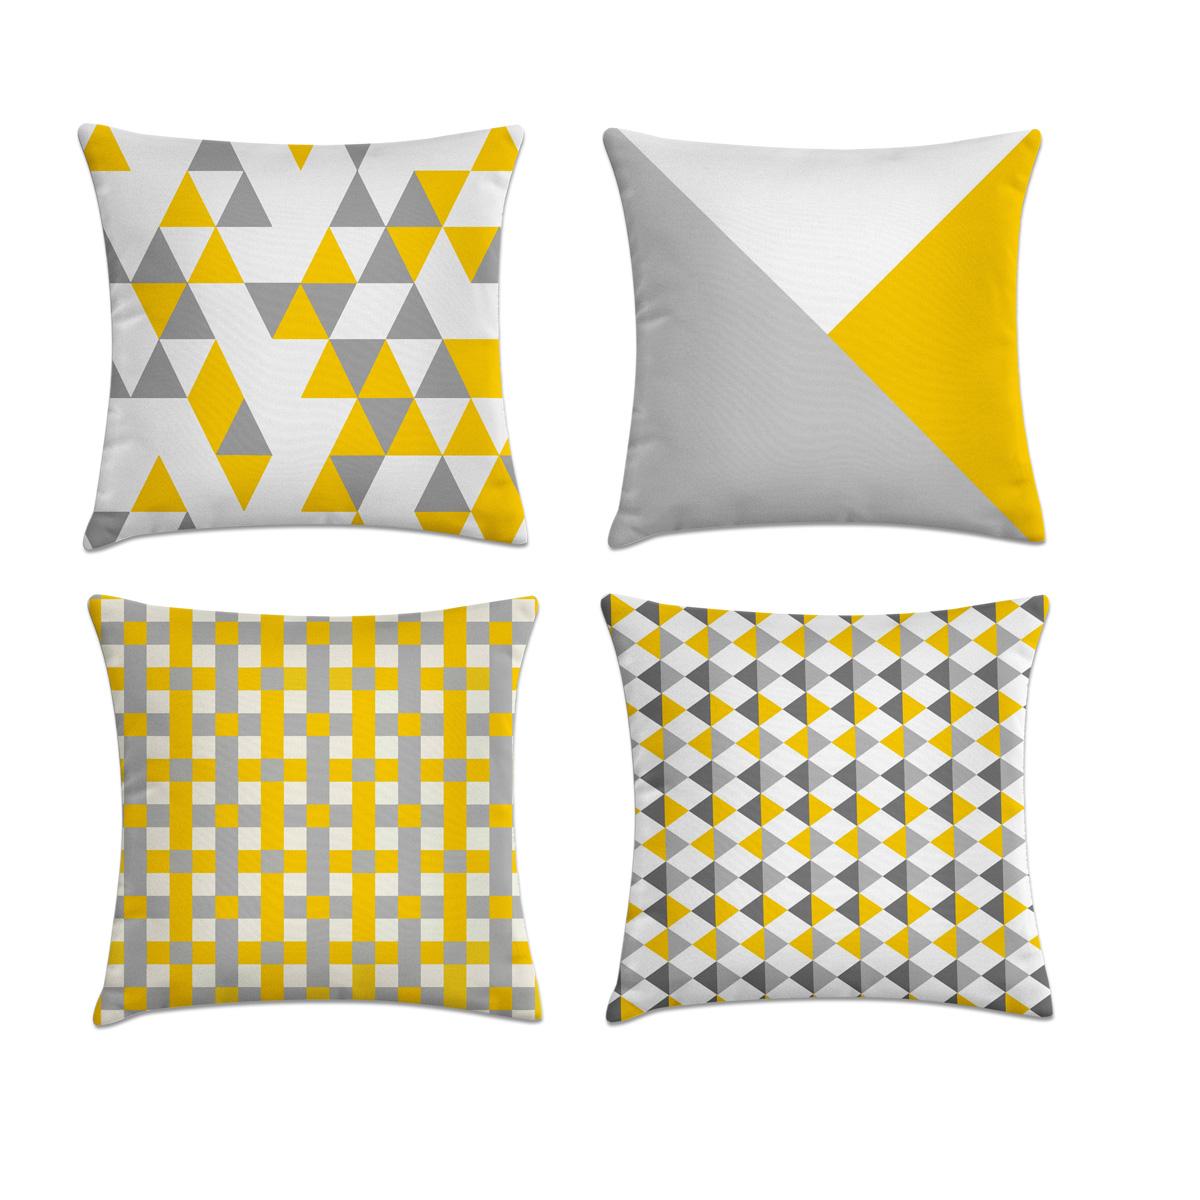 9213c1a2f9e4ee Kit 4 capas de almofadas cinza amarelo e branco